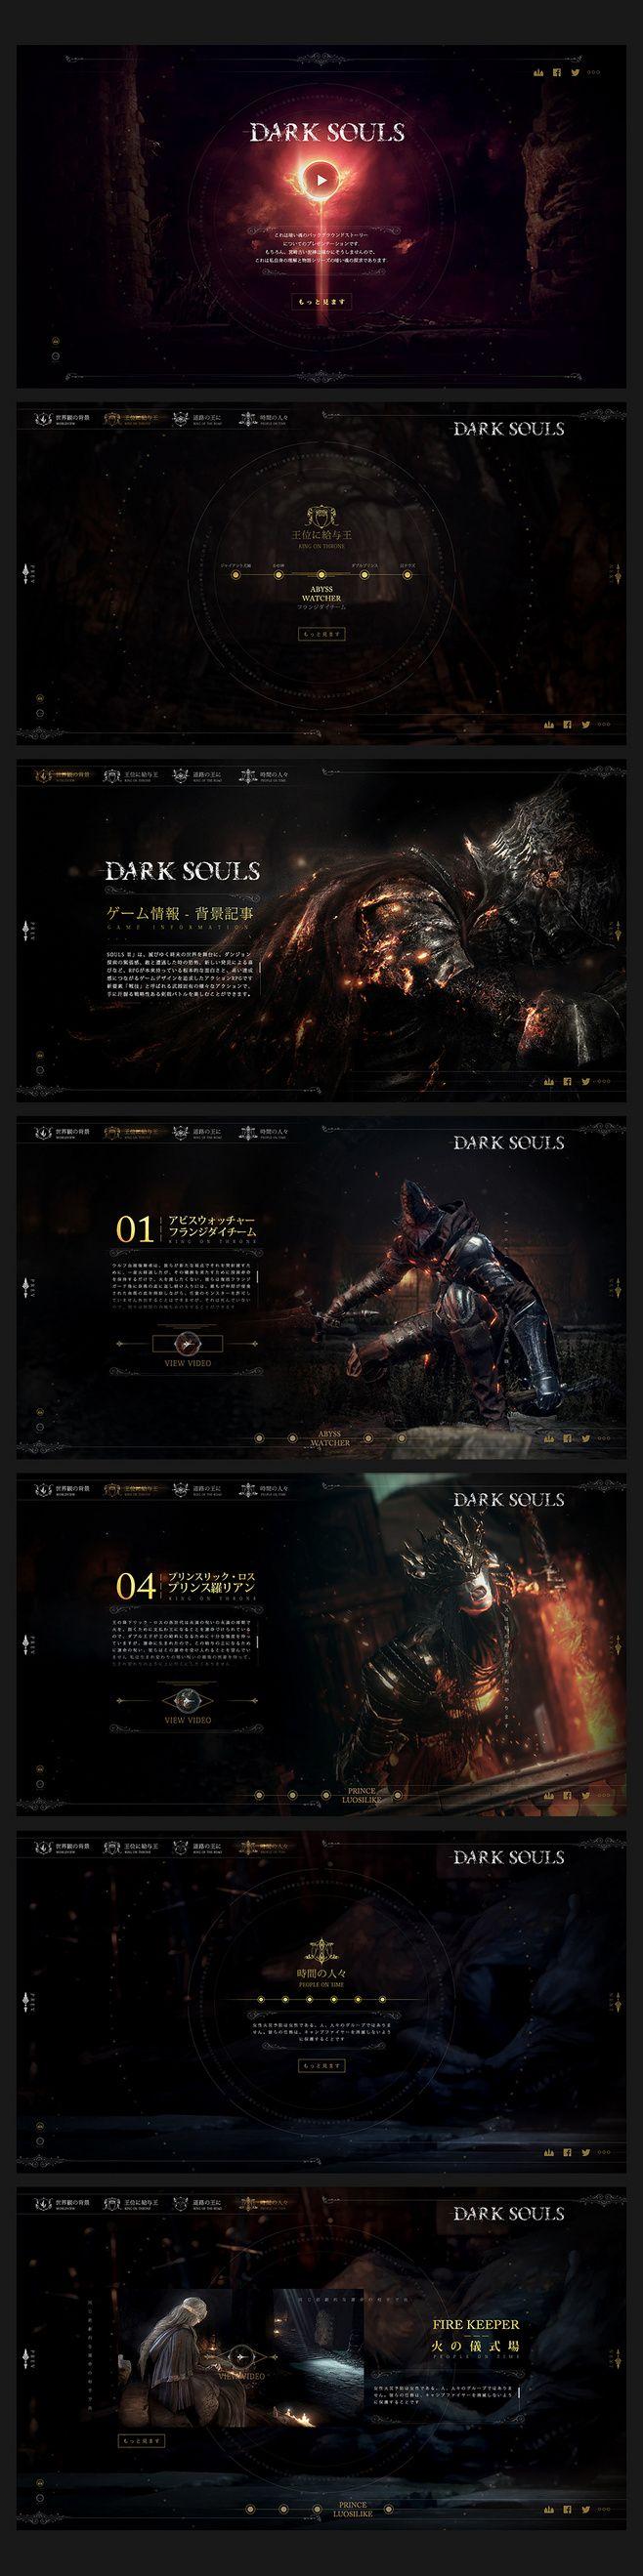 原创作品:Dark souls页面设计 ...